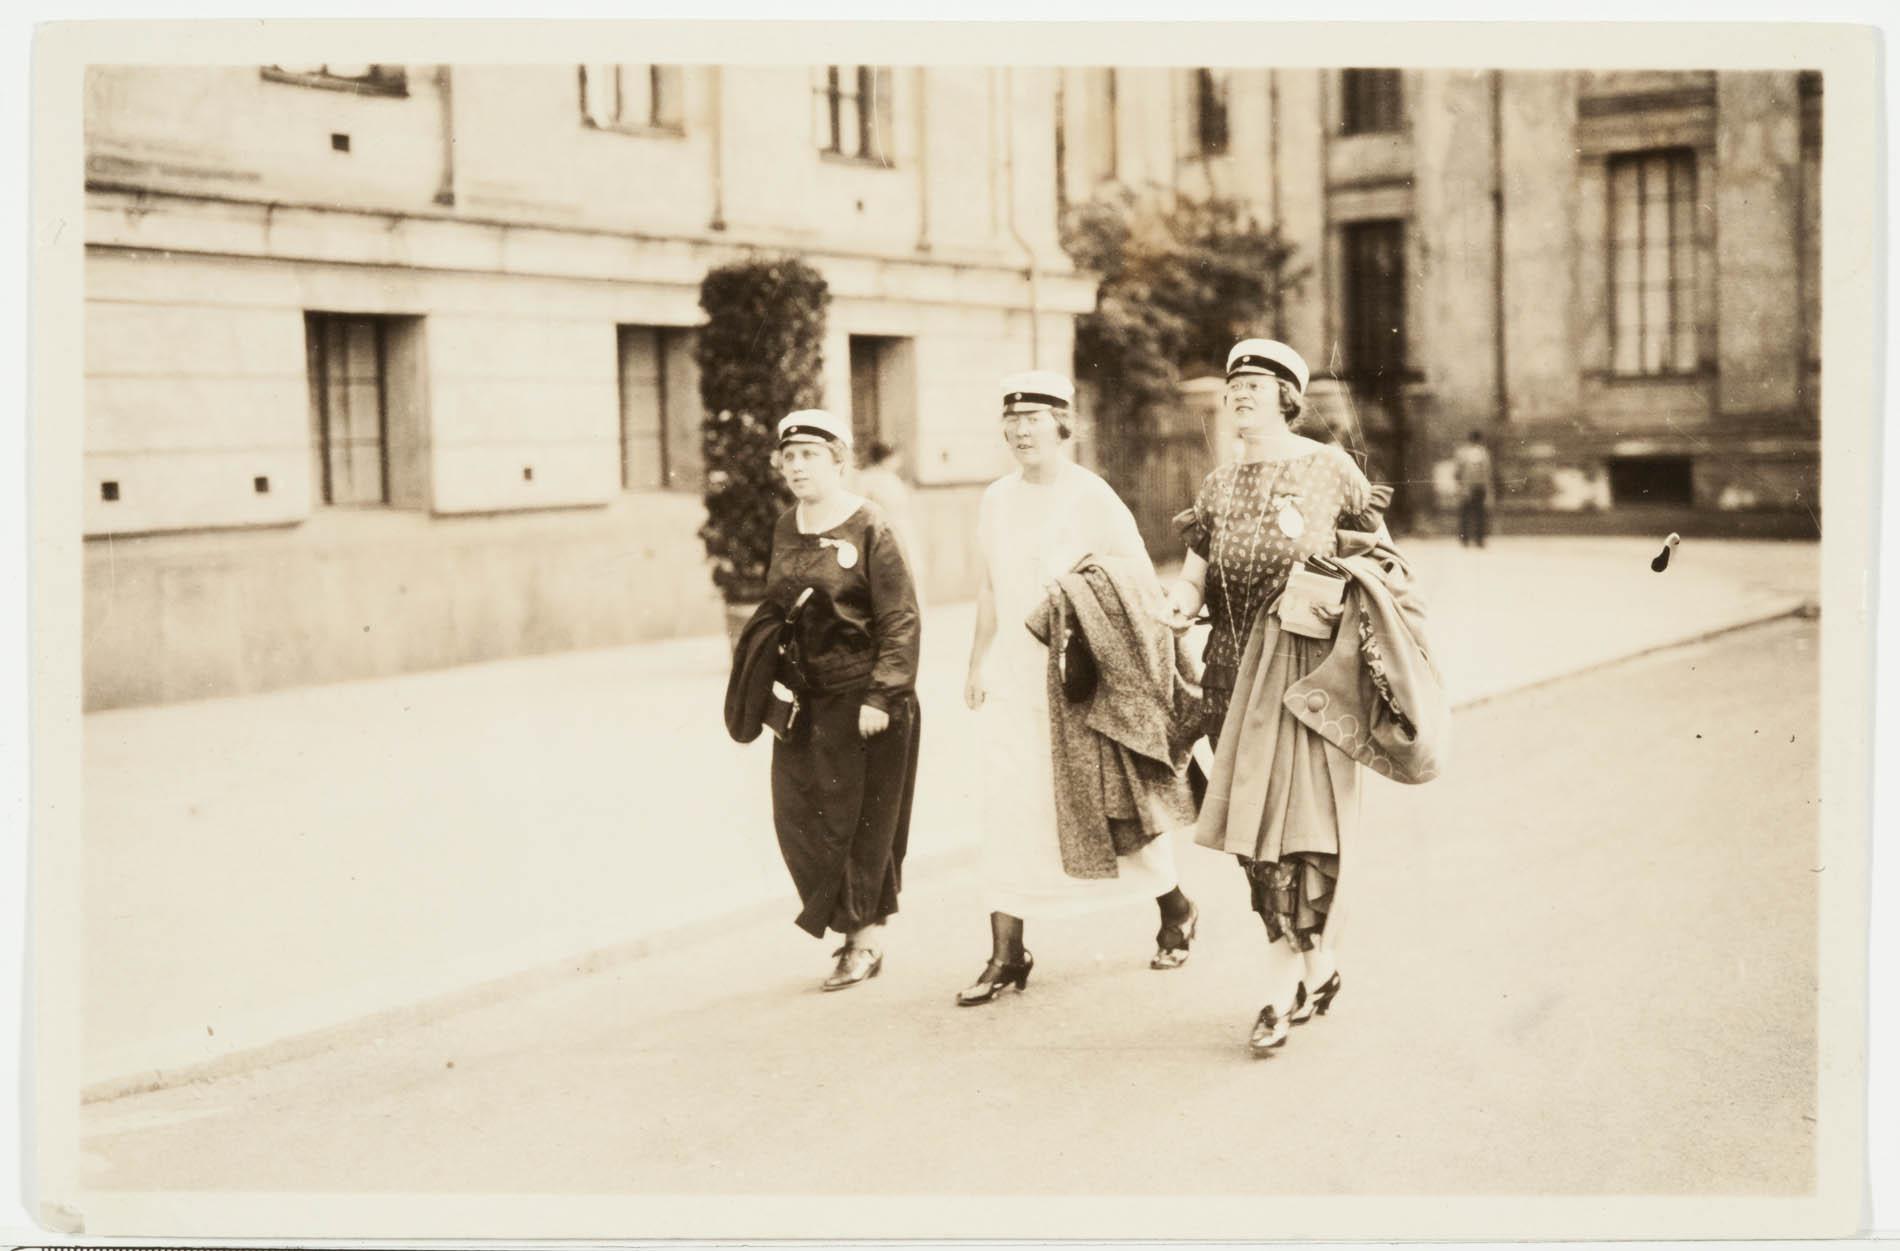 Tyyni Tuulio matkalla Akateemisten naisten kongressin avajaisiin Oslossa vuonna 1924. Tyyni Tuulion arkisto.